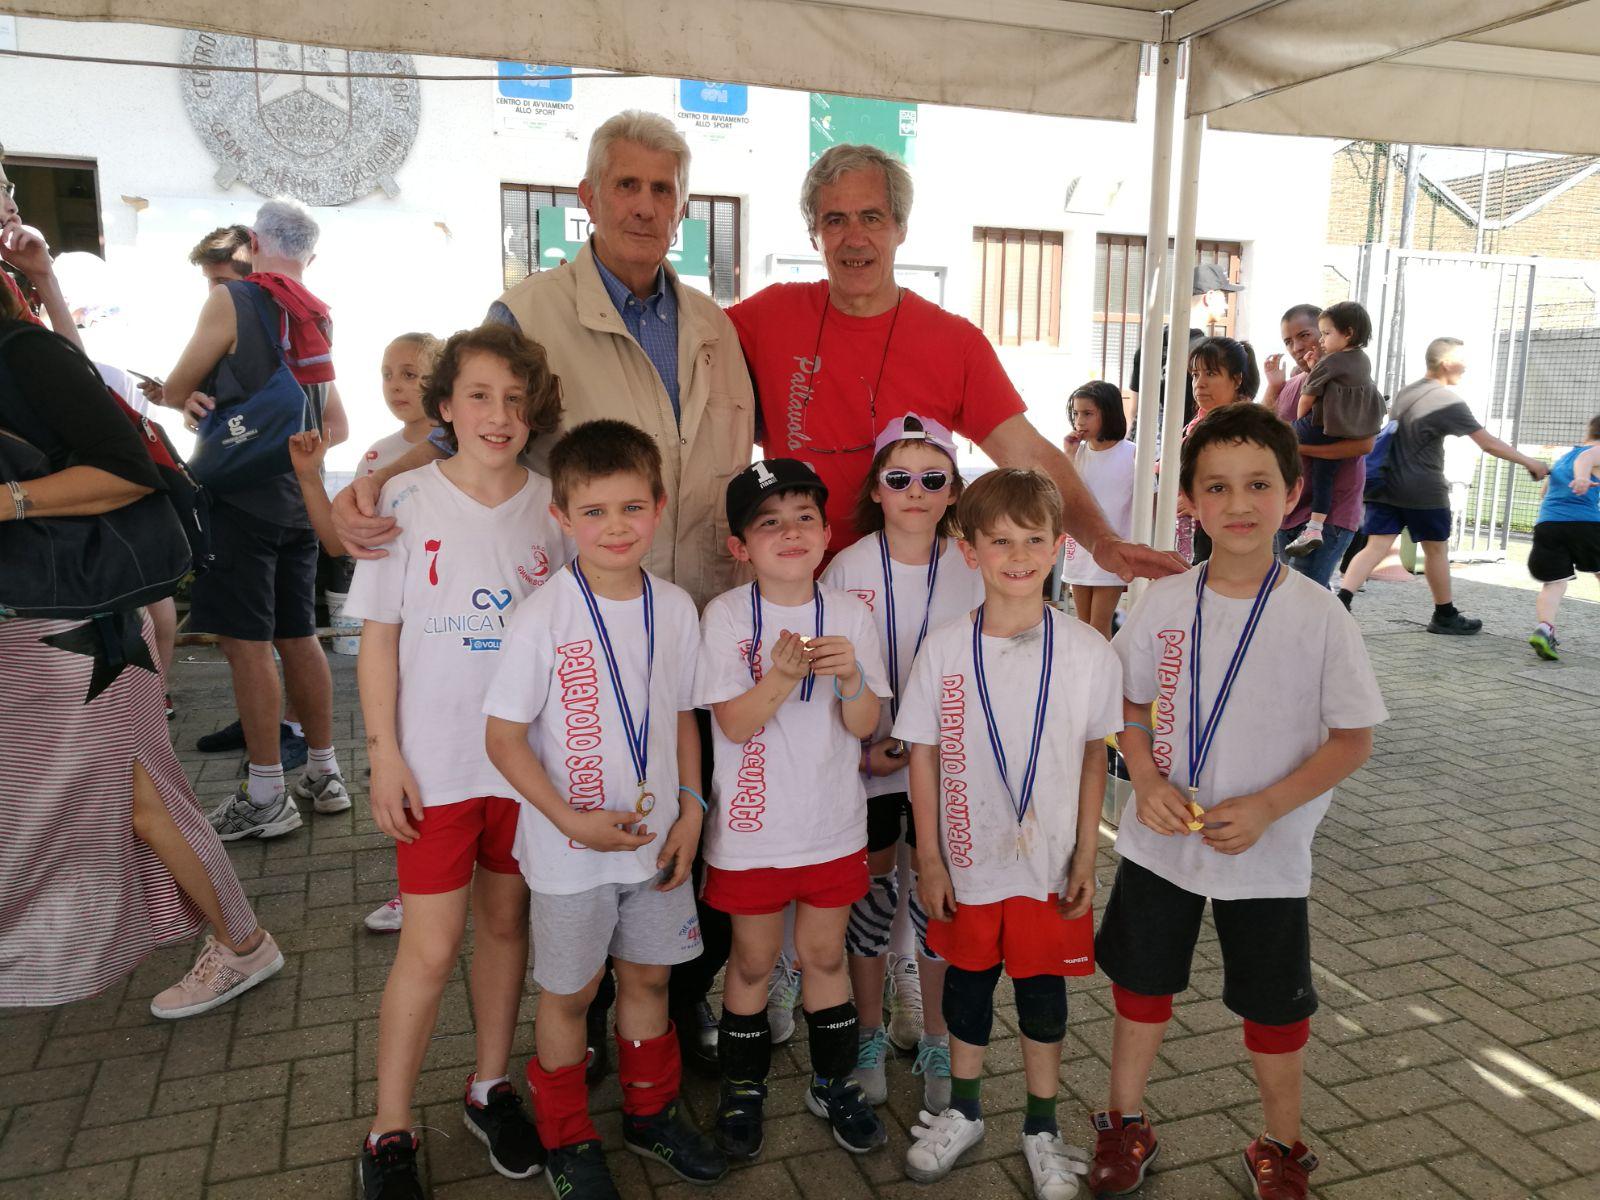 Mario ed il suo amico medaglia d'oro olimpica Cosimo Pinto con altri...